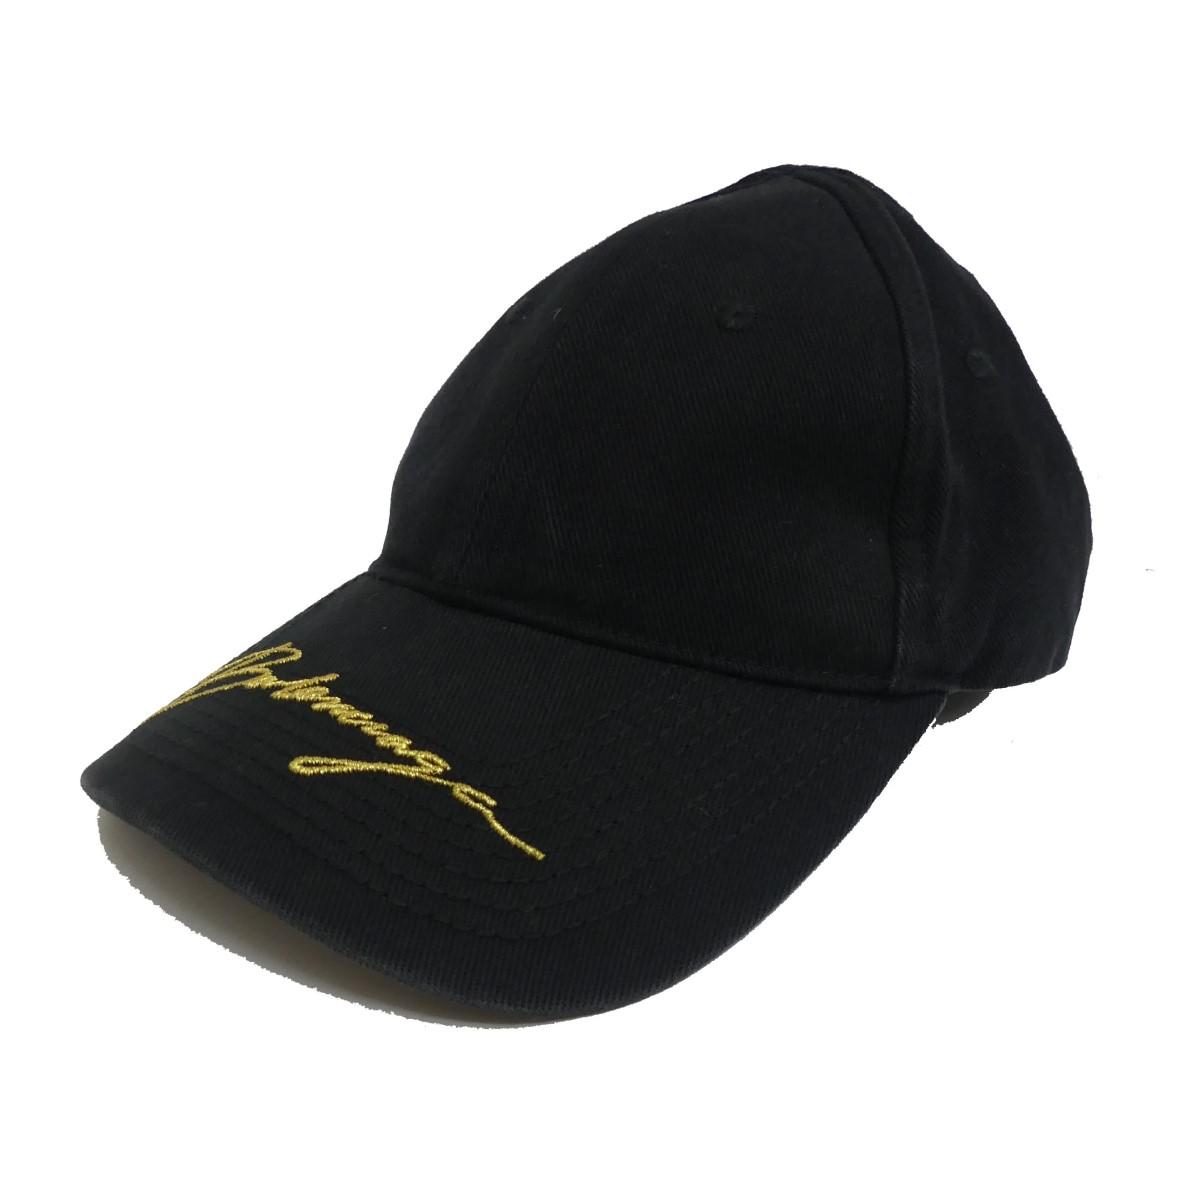 【中古】BALENCIAGA 19AW Gold Logo Cap キャップ ブラック サイズ:L 【070420】(バレンシアガ)